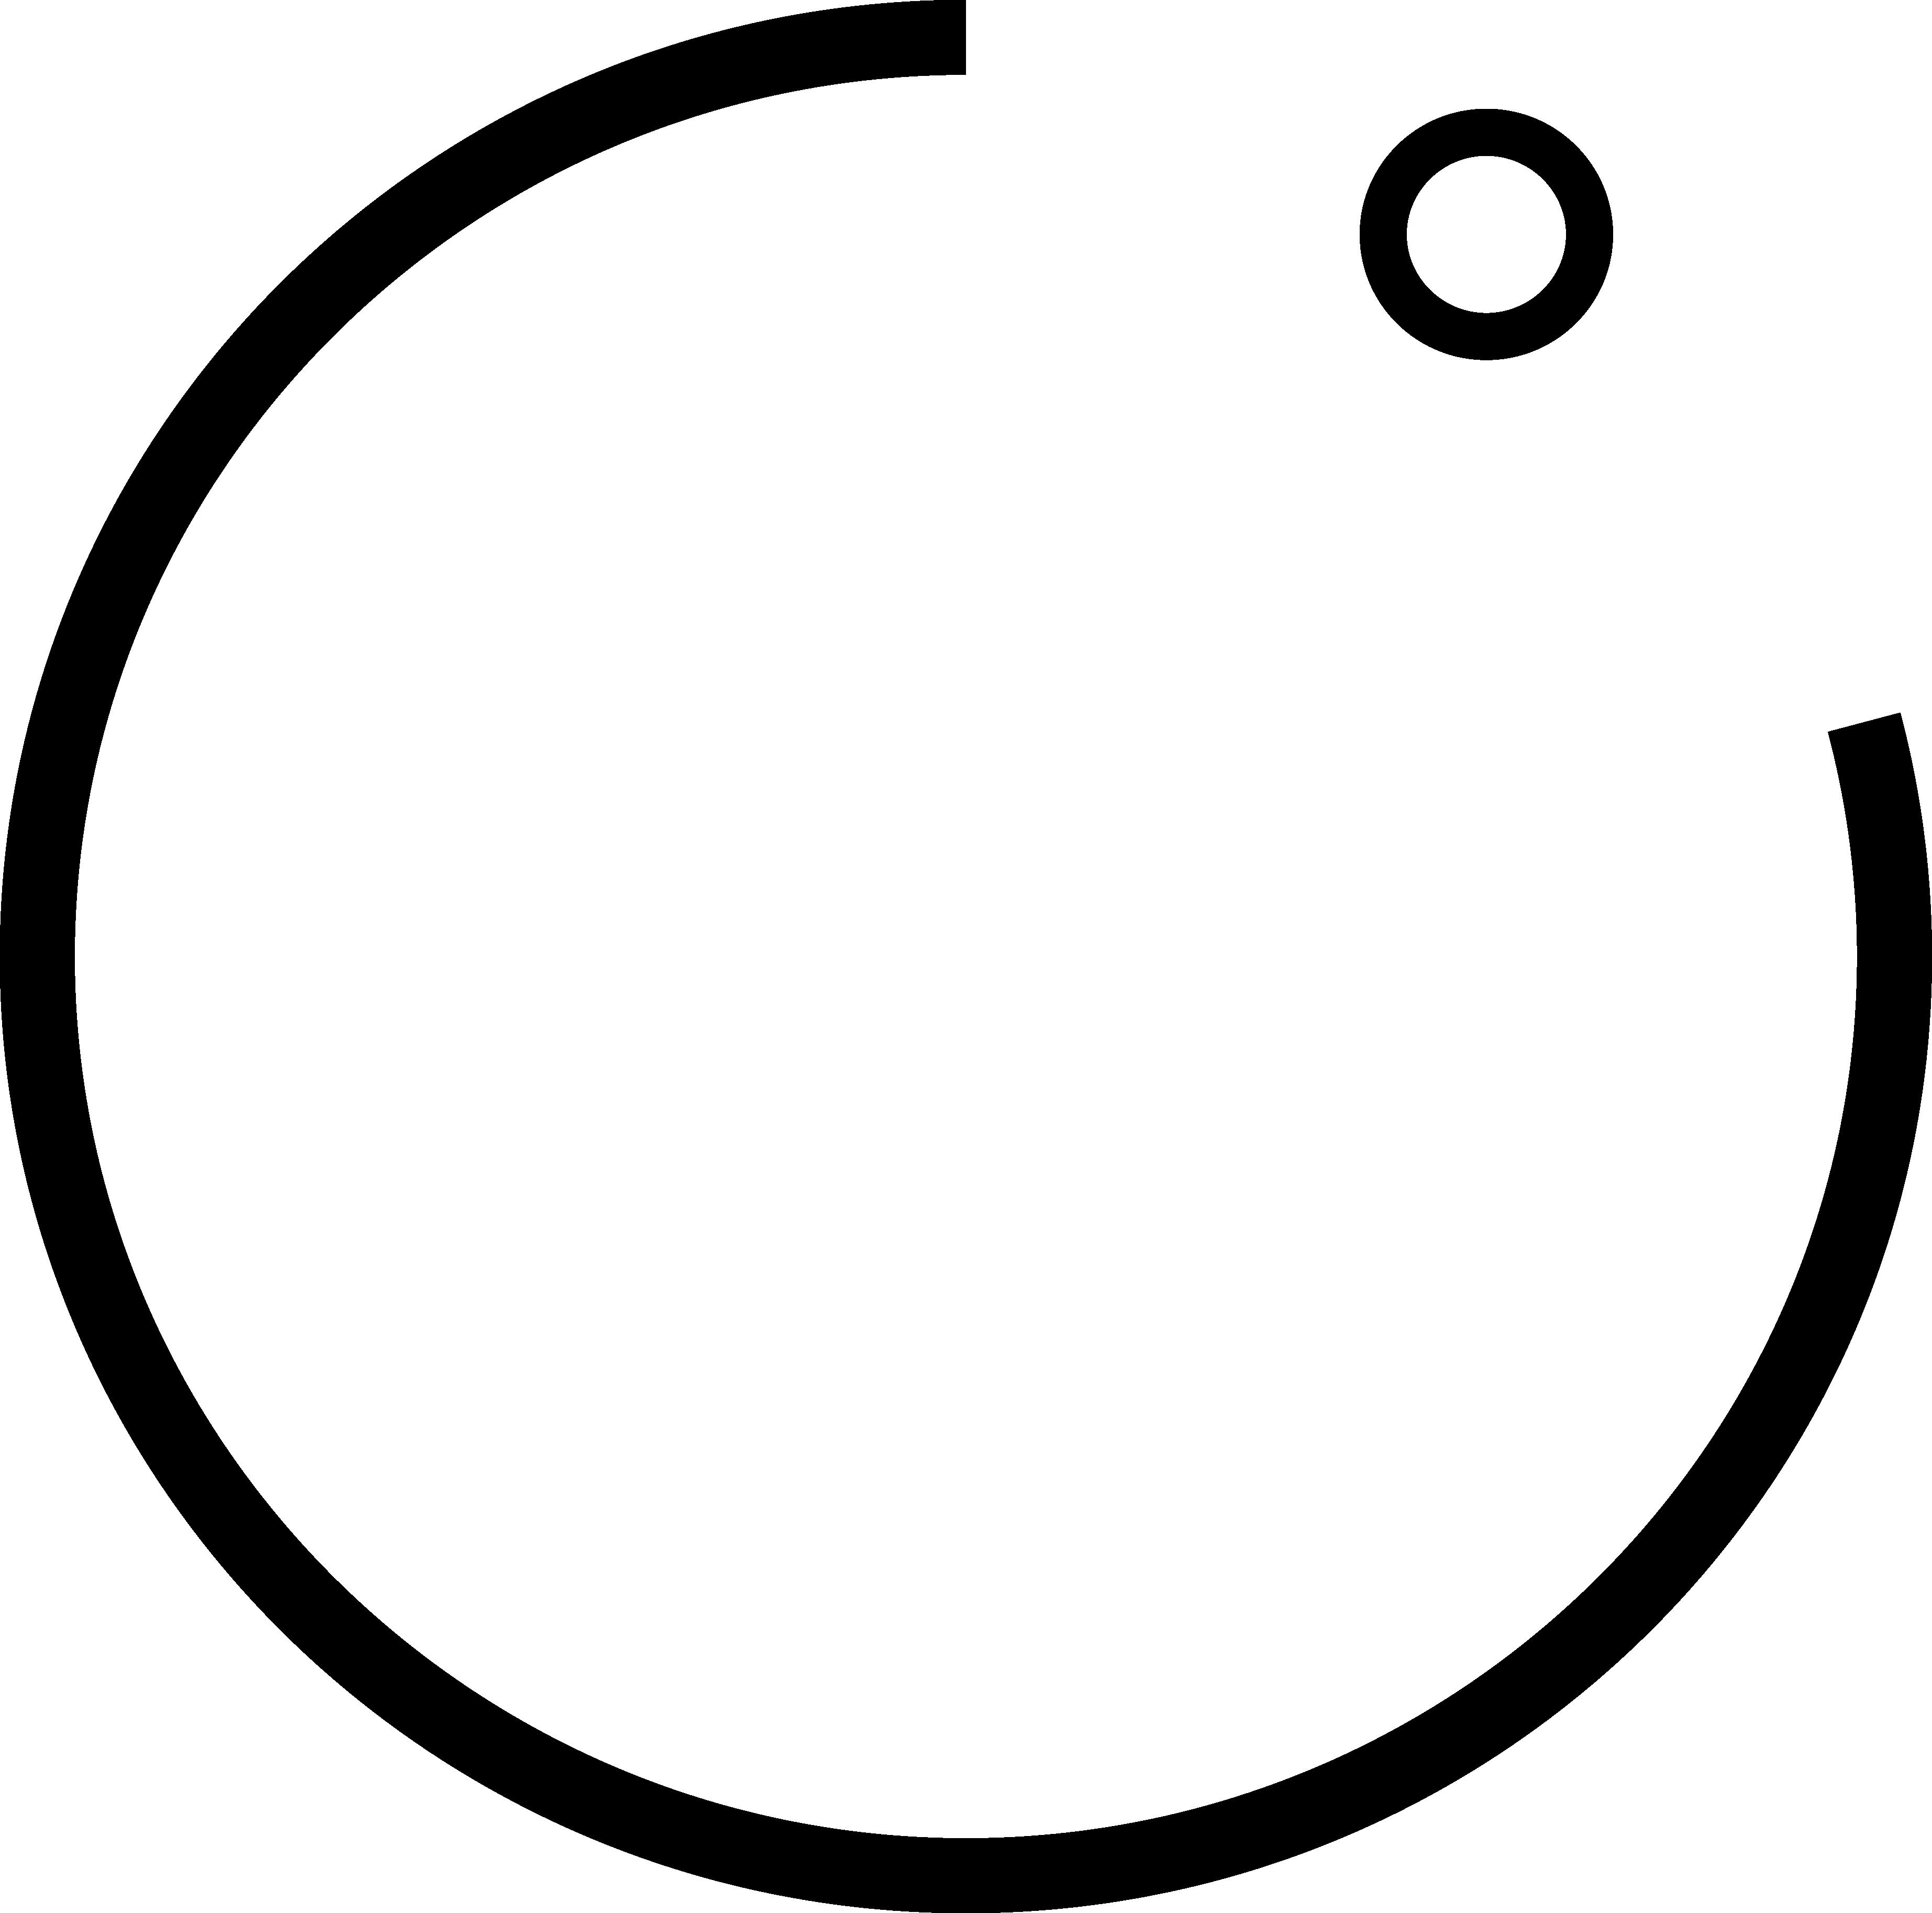 Logo Agile spółka z ograniczoną odpowiedzialnością